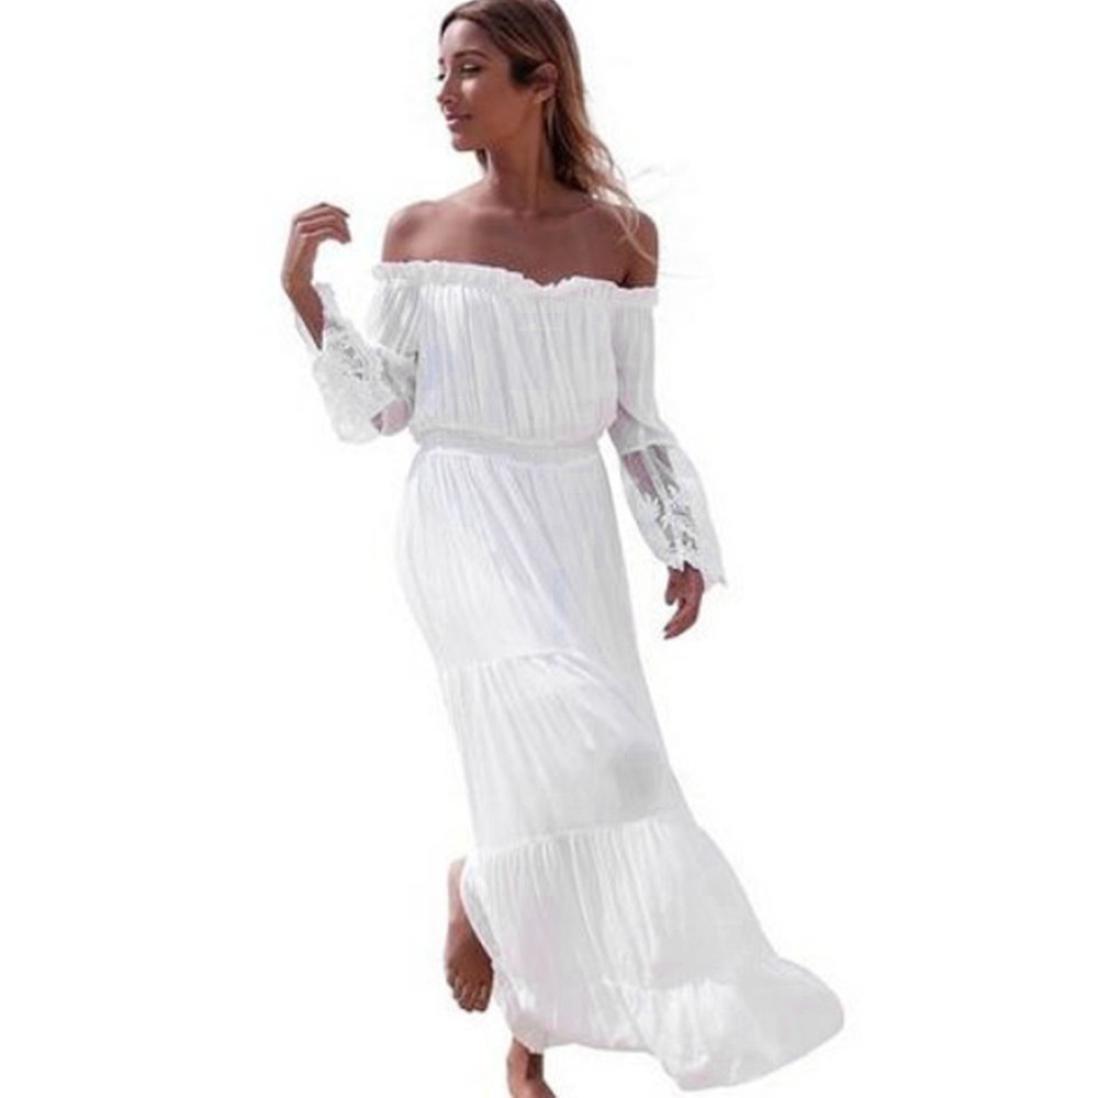 Dragon868 Vestito donna elegante vintage, pizzo Fiori Bianco lunghi spiaggia vestito taglie forti xl Senza maniche vestito cerimonia Sera 2018 estate (M)